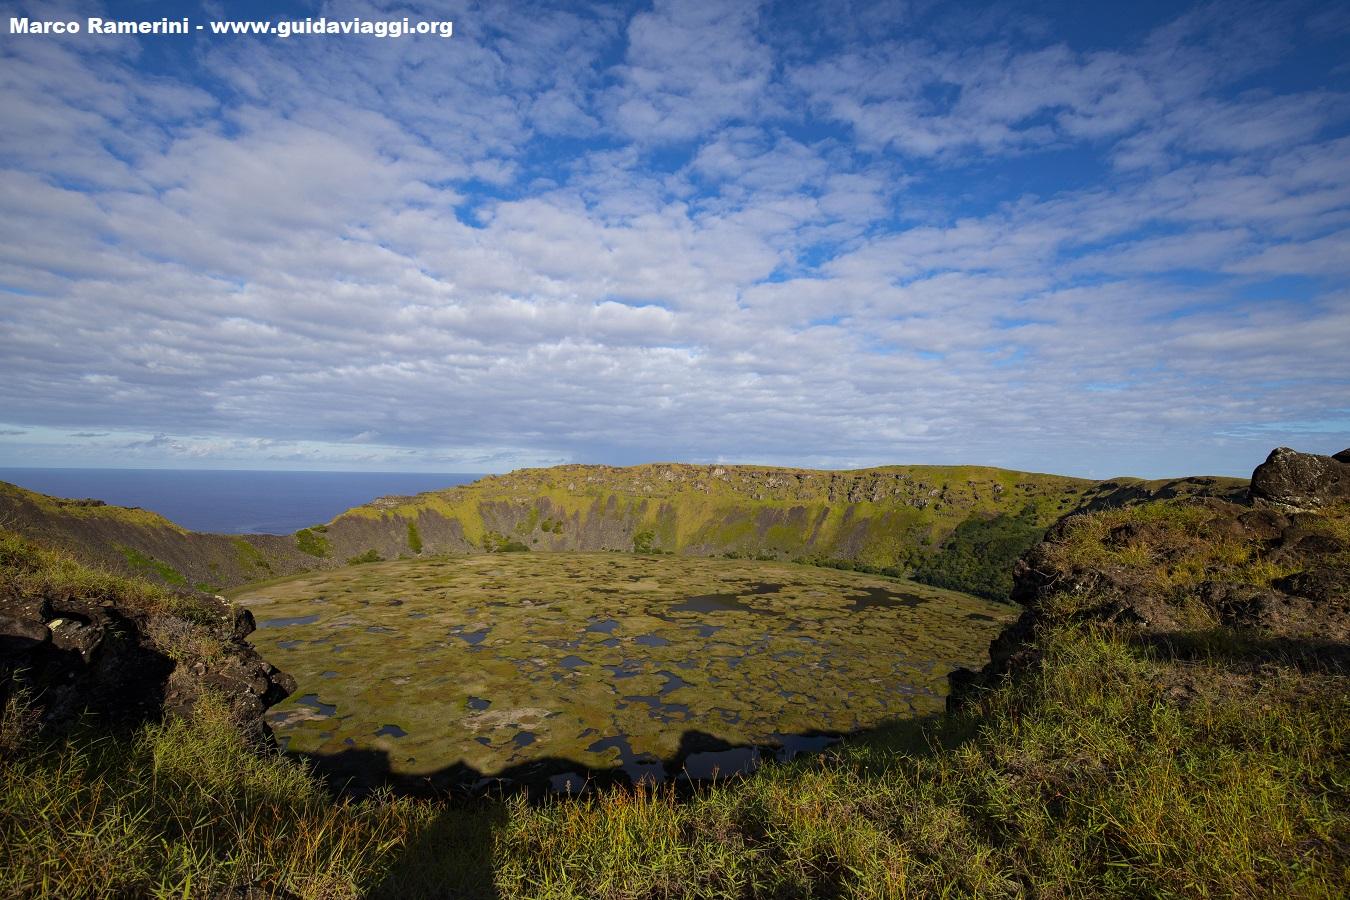 Uno dei vulcani dell'isola di Pasqua il cratere del Rano Kau, Isola di Pasqua, Cile. Autore e Copyright Marco Ramerini.